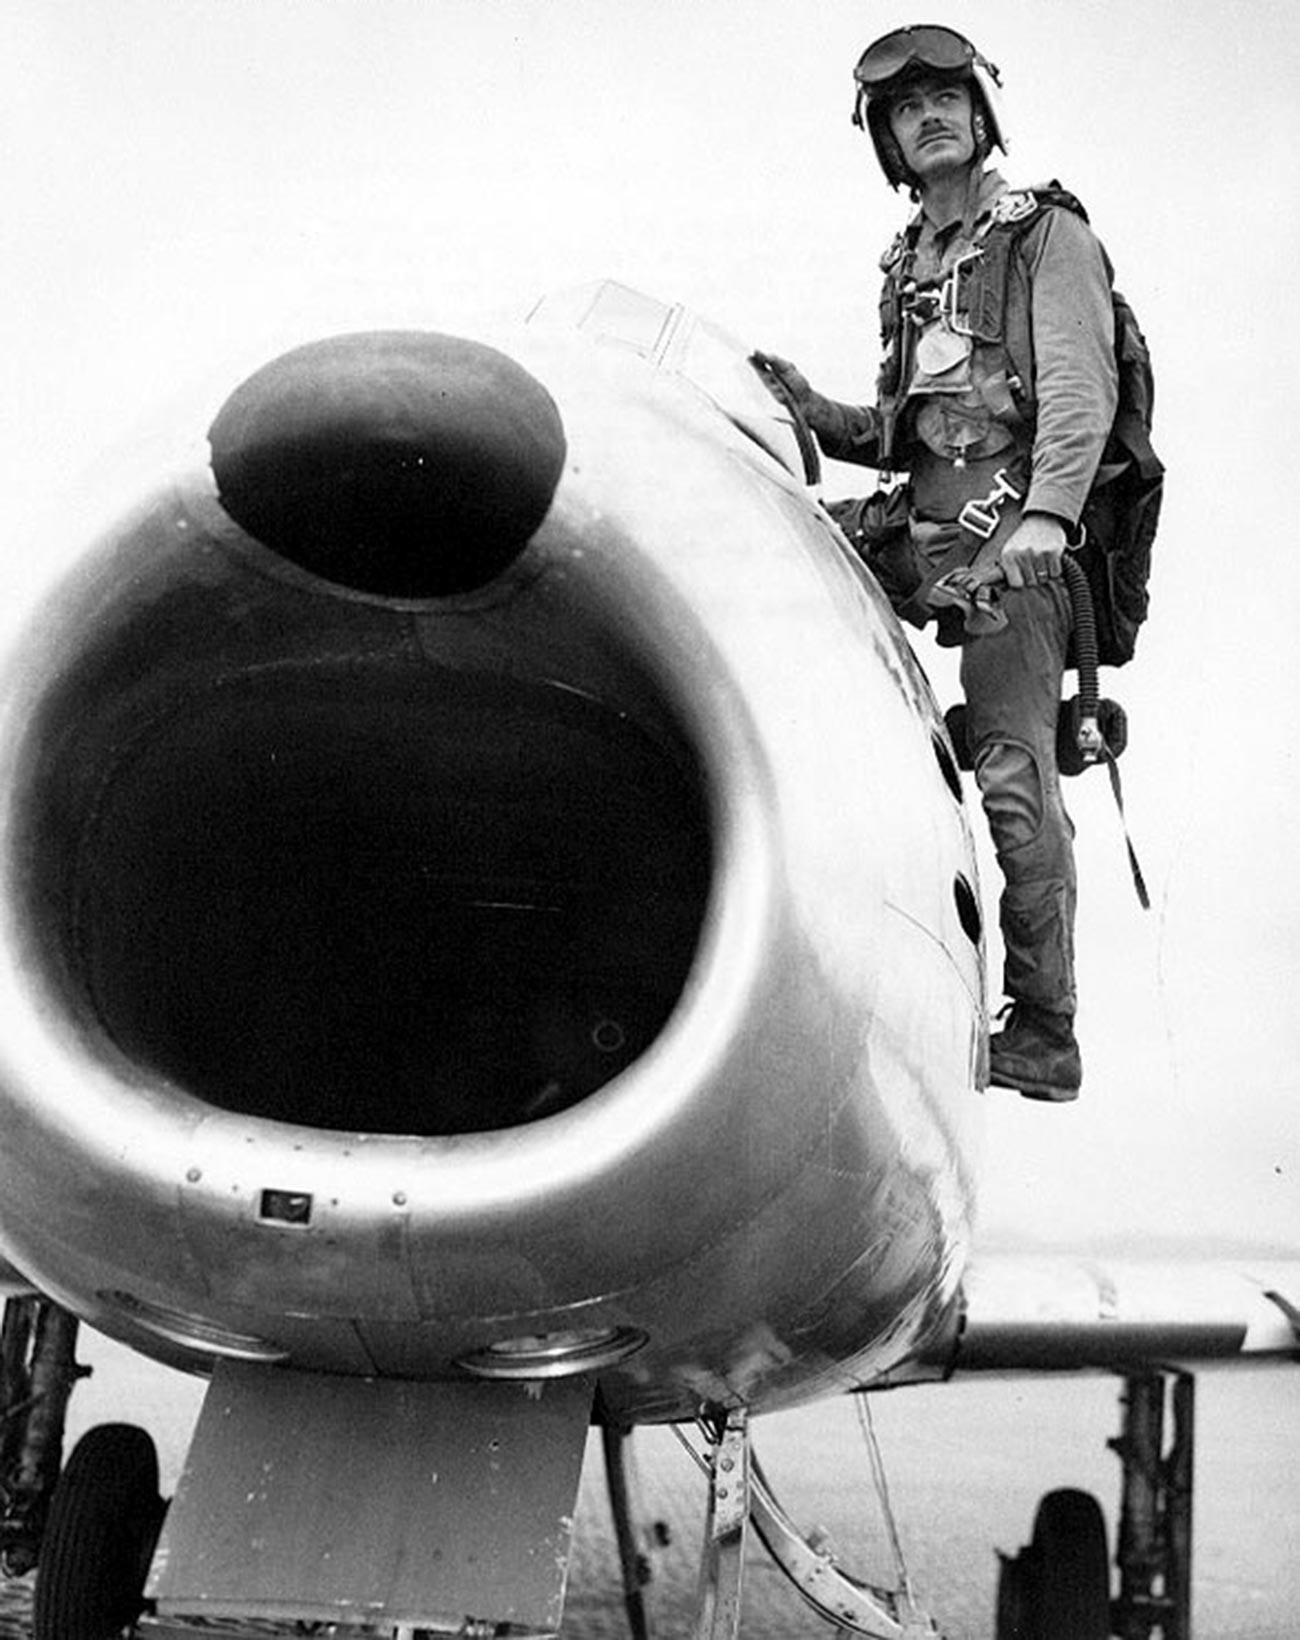 F-86で37回の飛行を行った米国軍のボルト少佐